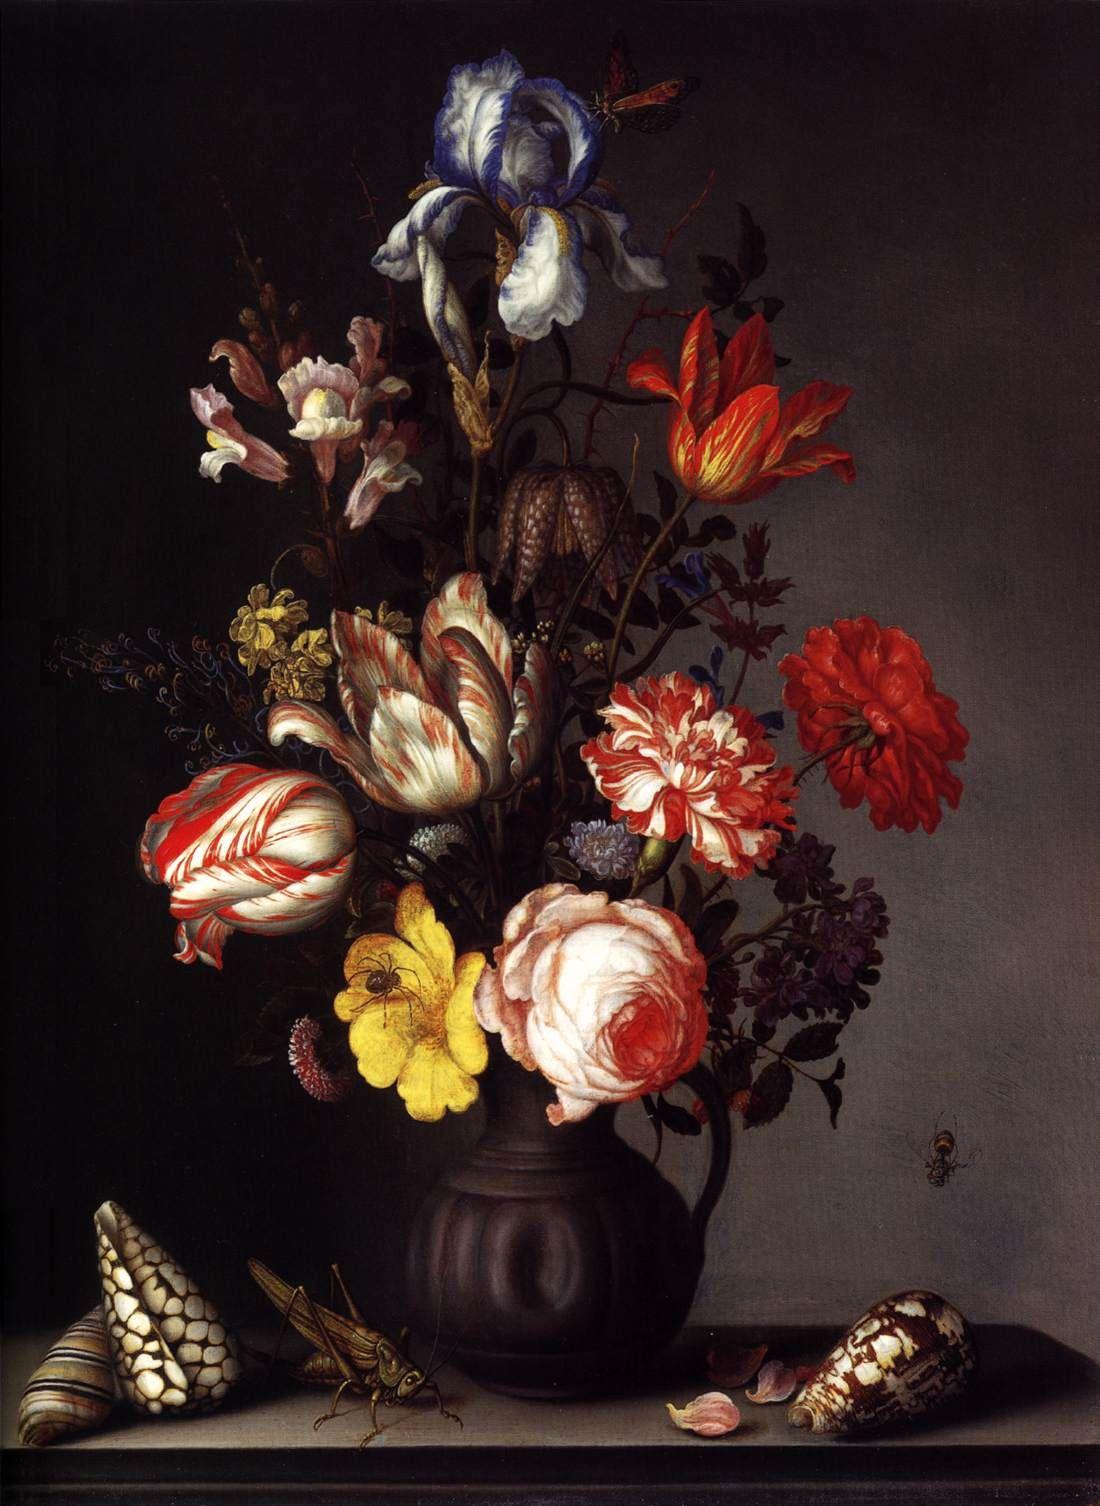 Ast Balthasar Van Der Dutch Baroque Era Painter Ca 1593